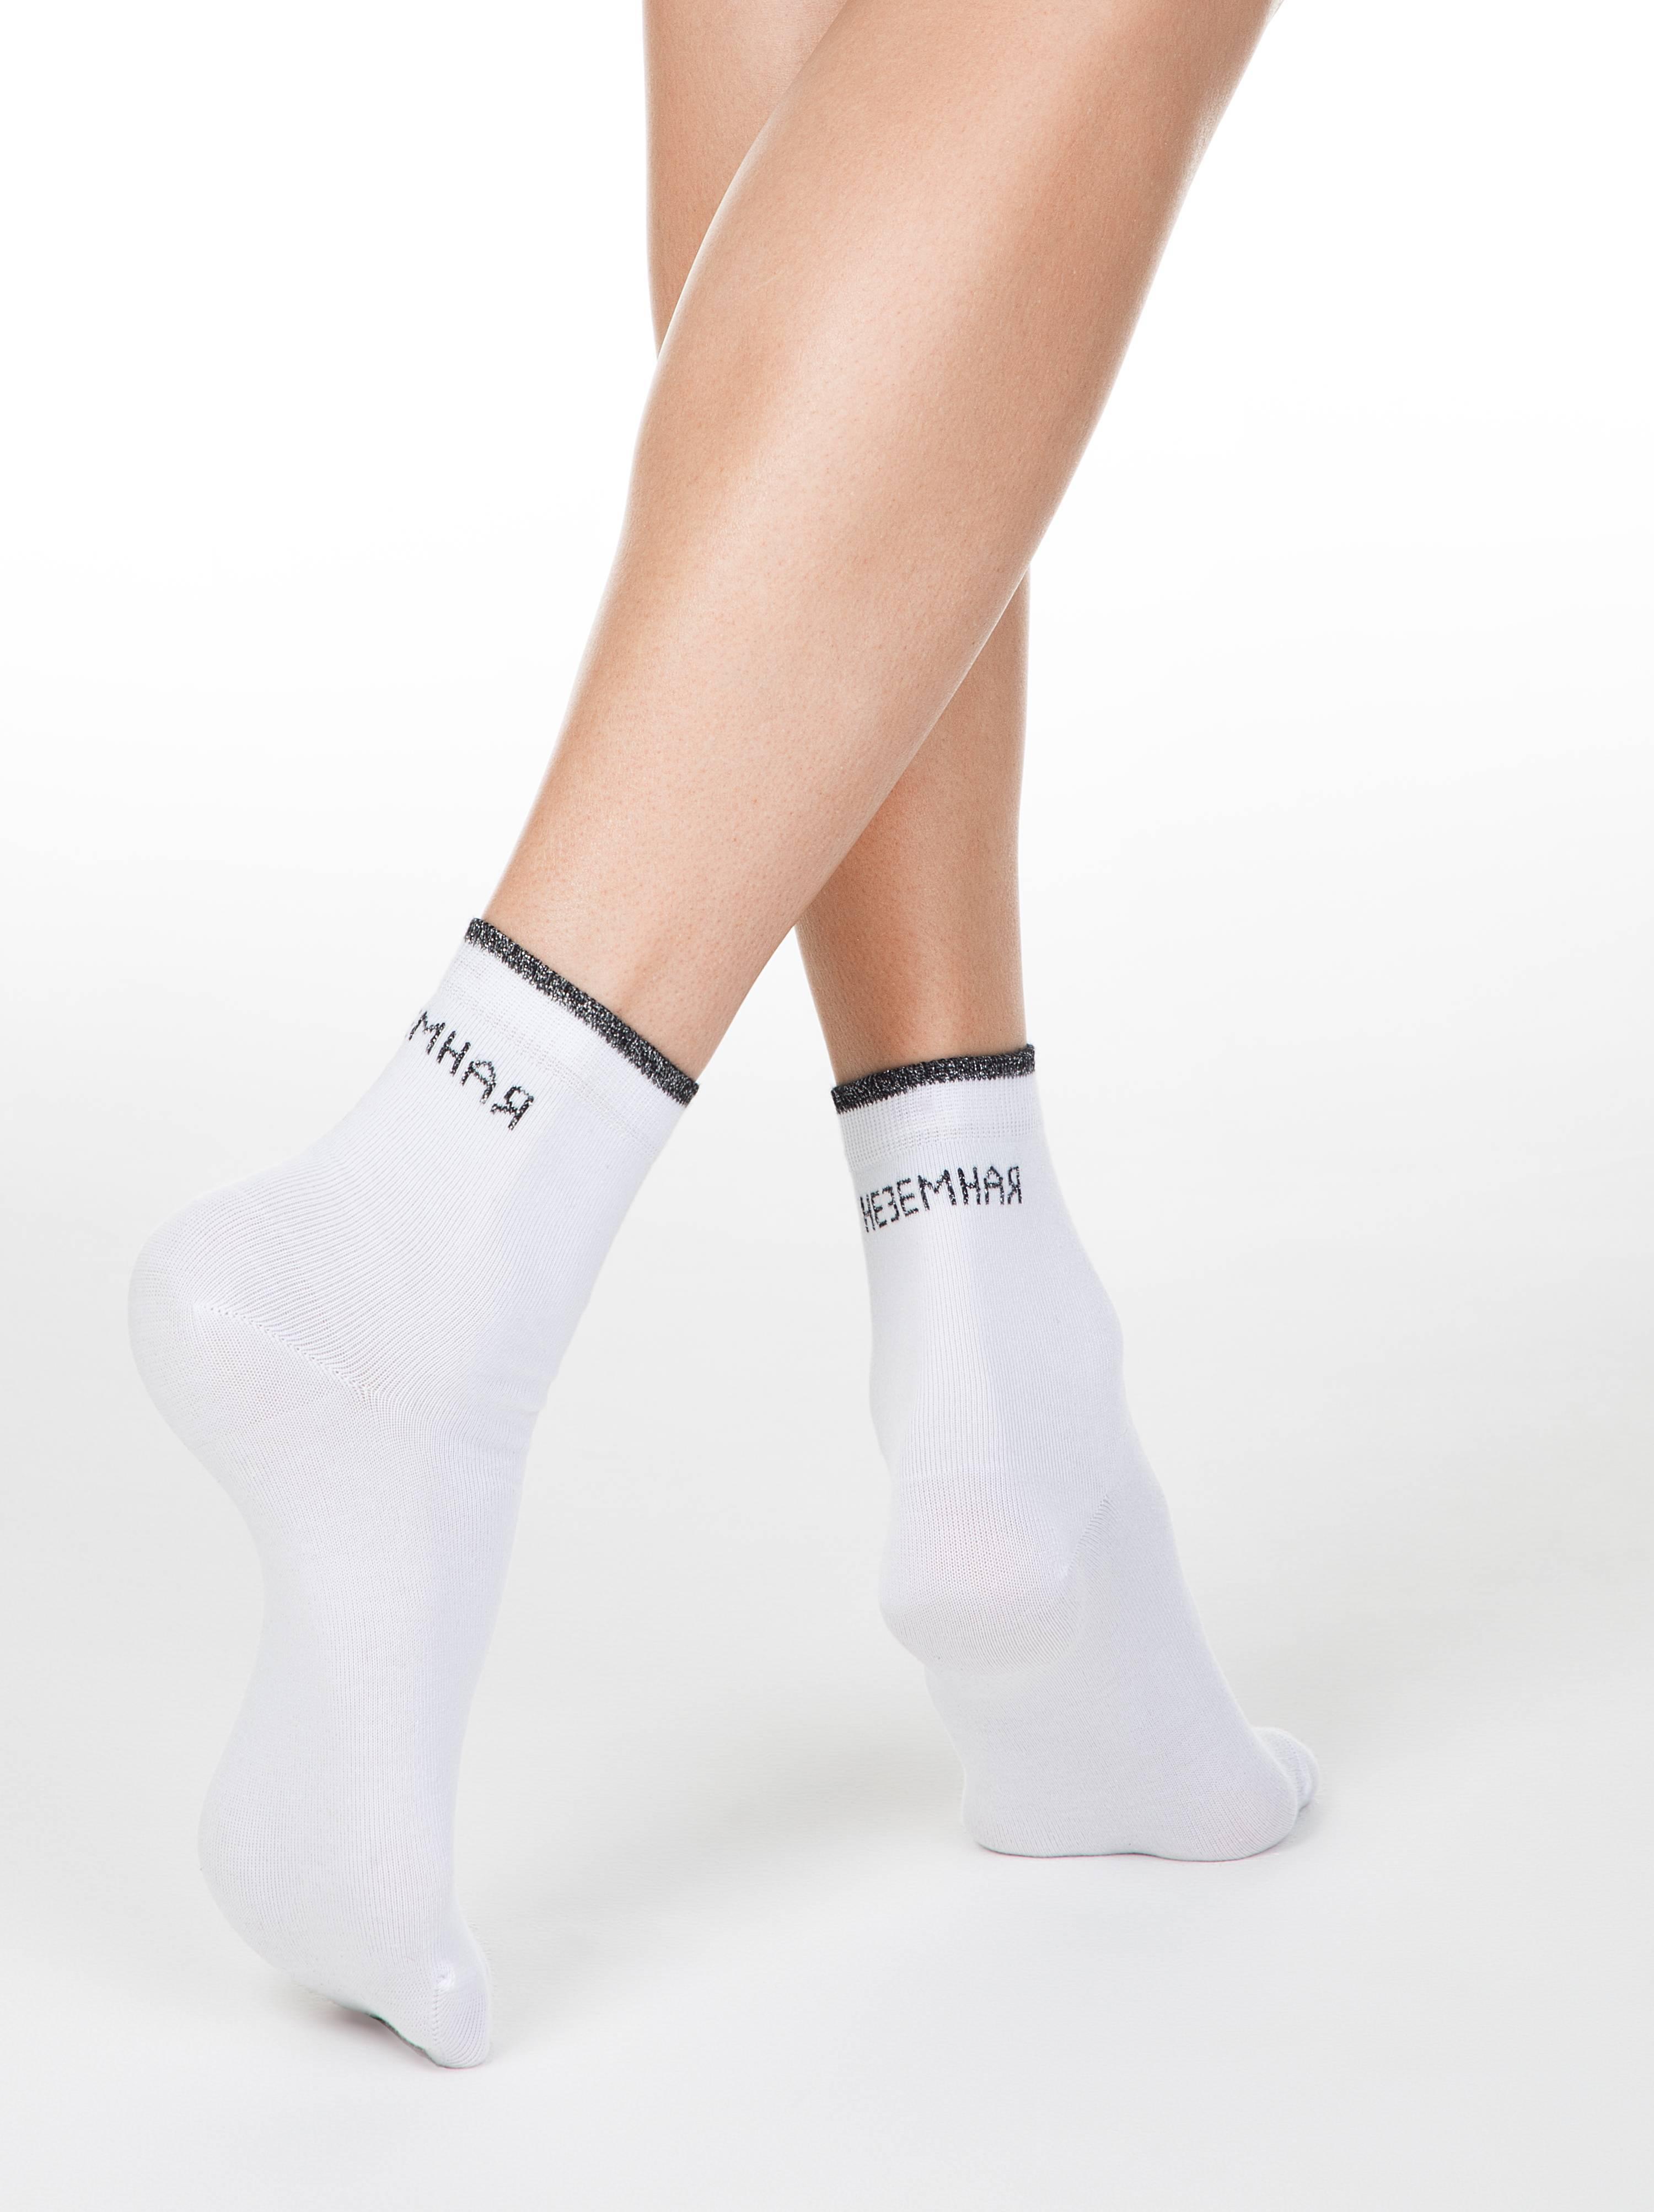 Фото - Носки женские ⭐️ Хлопковые носки FANTASY с люрексом «Неземная» ⭐️ белого цвета